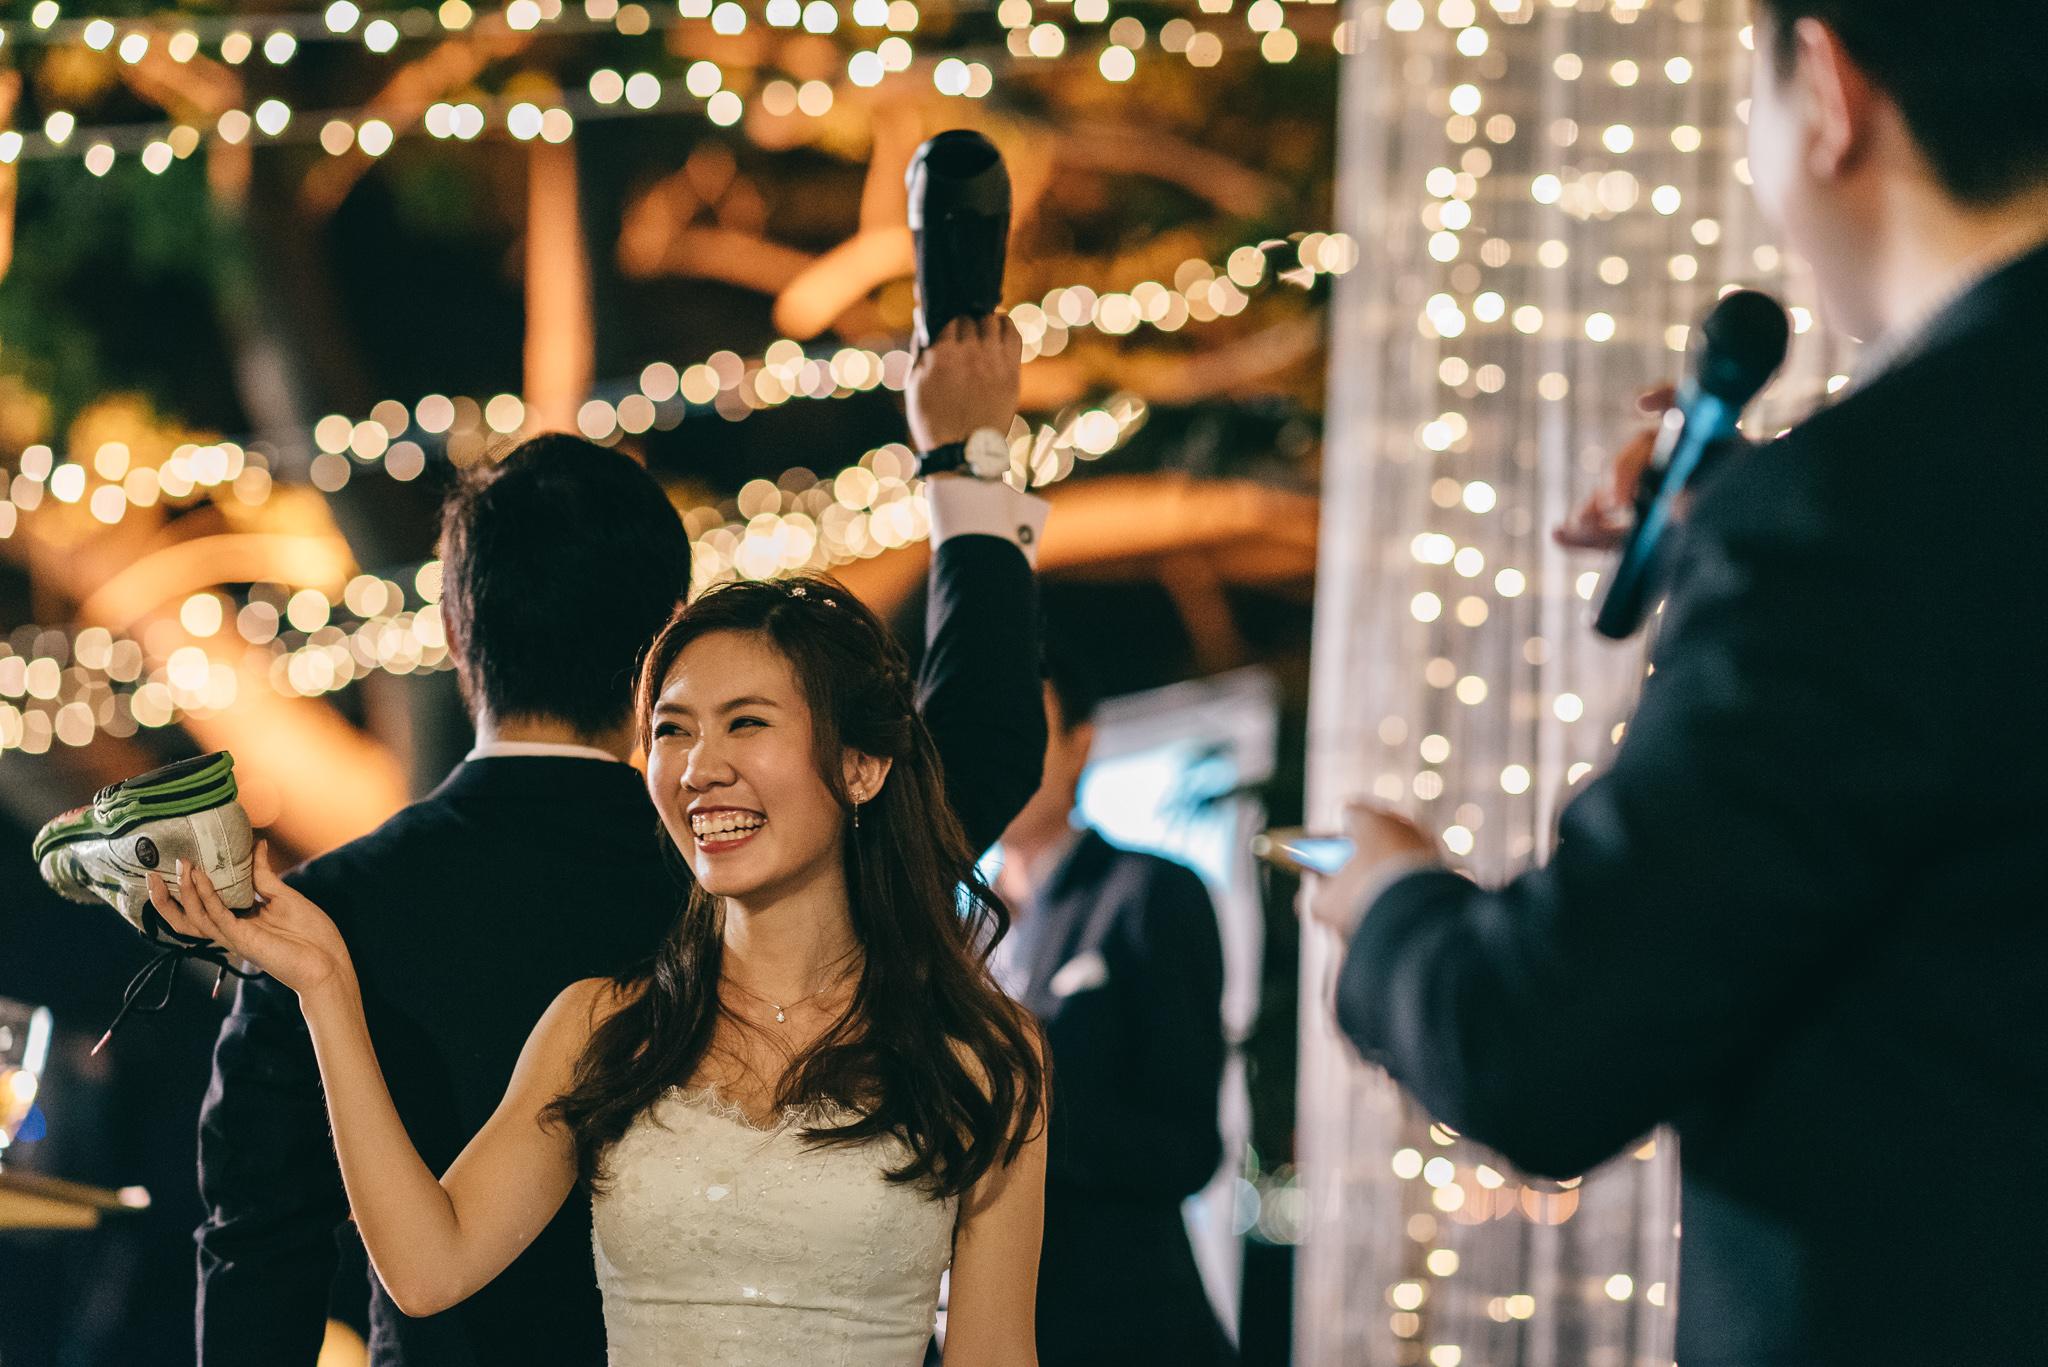 Lionel & Karen Wedding Day Highlights (resized for sharing) - 199.jpg